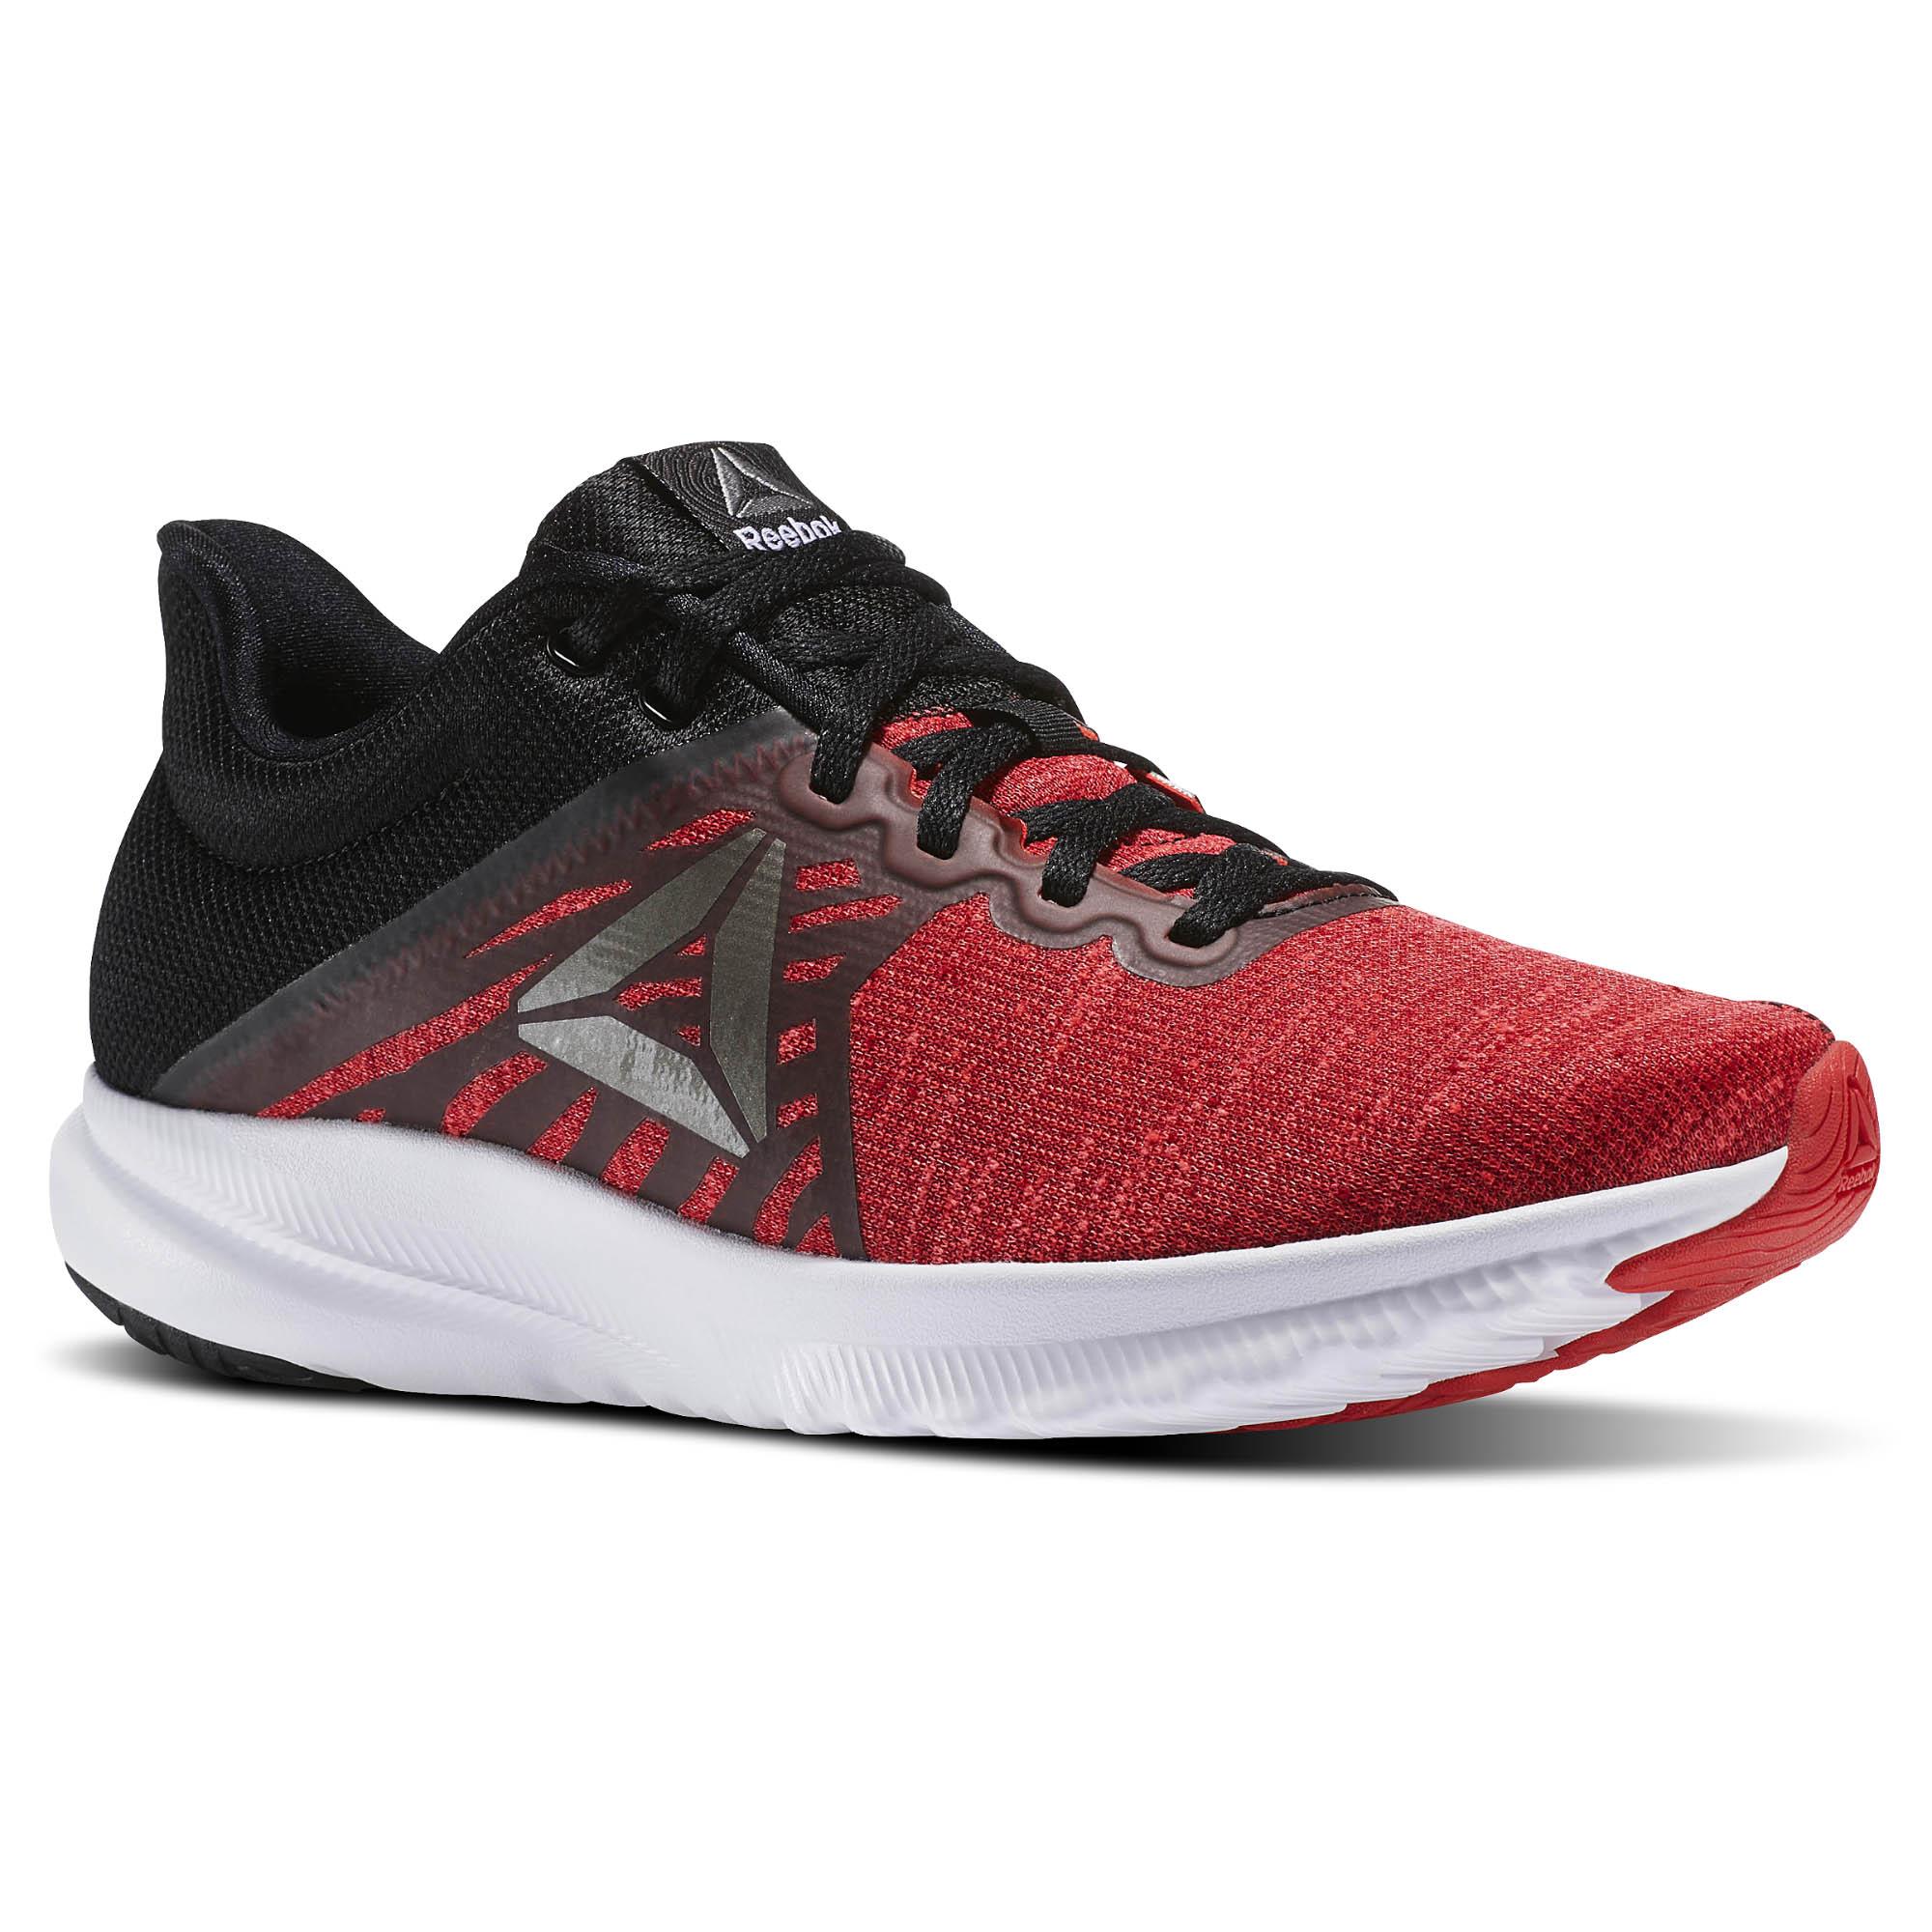 d37589d2 ... Reebok Women's OSR Distance 3.0 Running Shoes $30; & More. Deal Image;  Deal Image. Deal Image